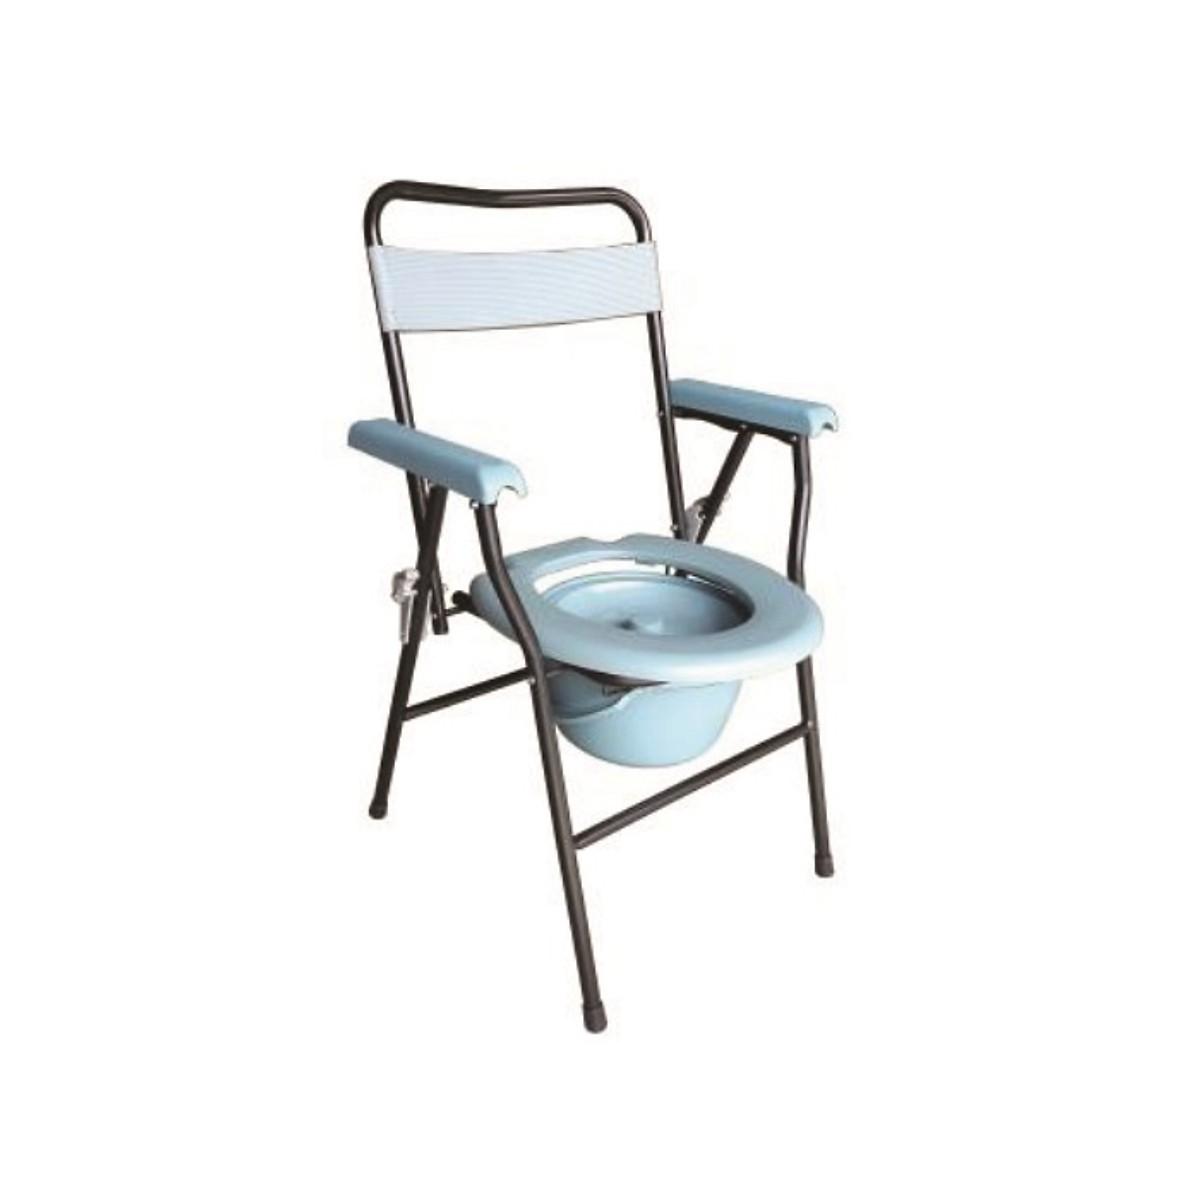 Ghế bô vệ sinh G899-01 chính hãng